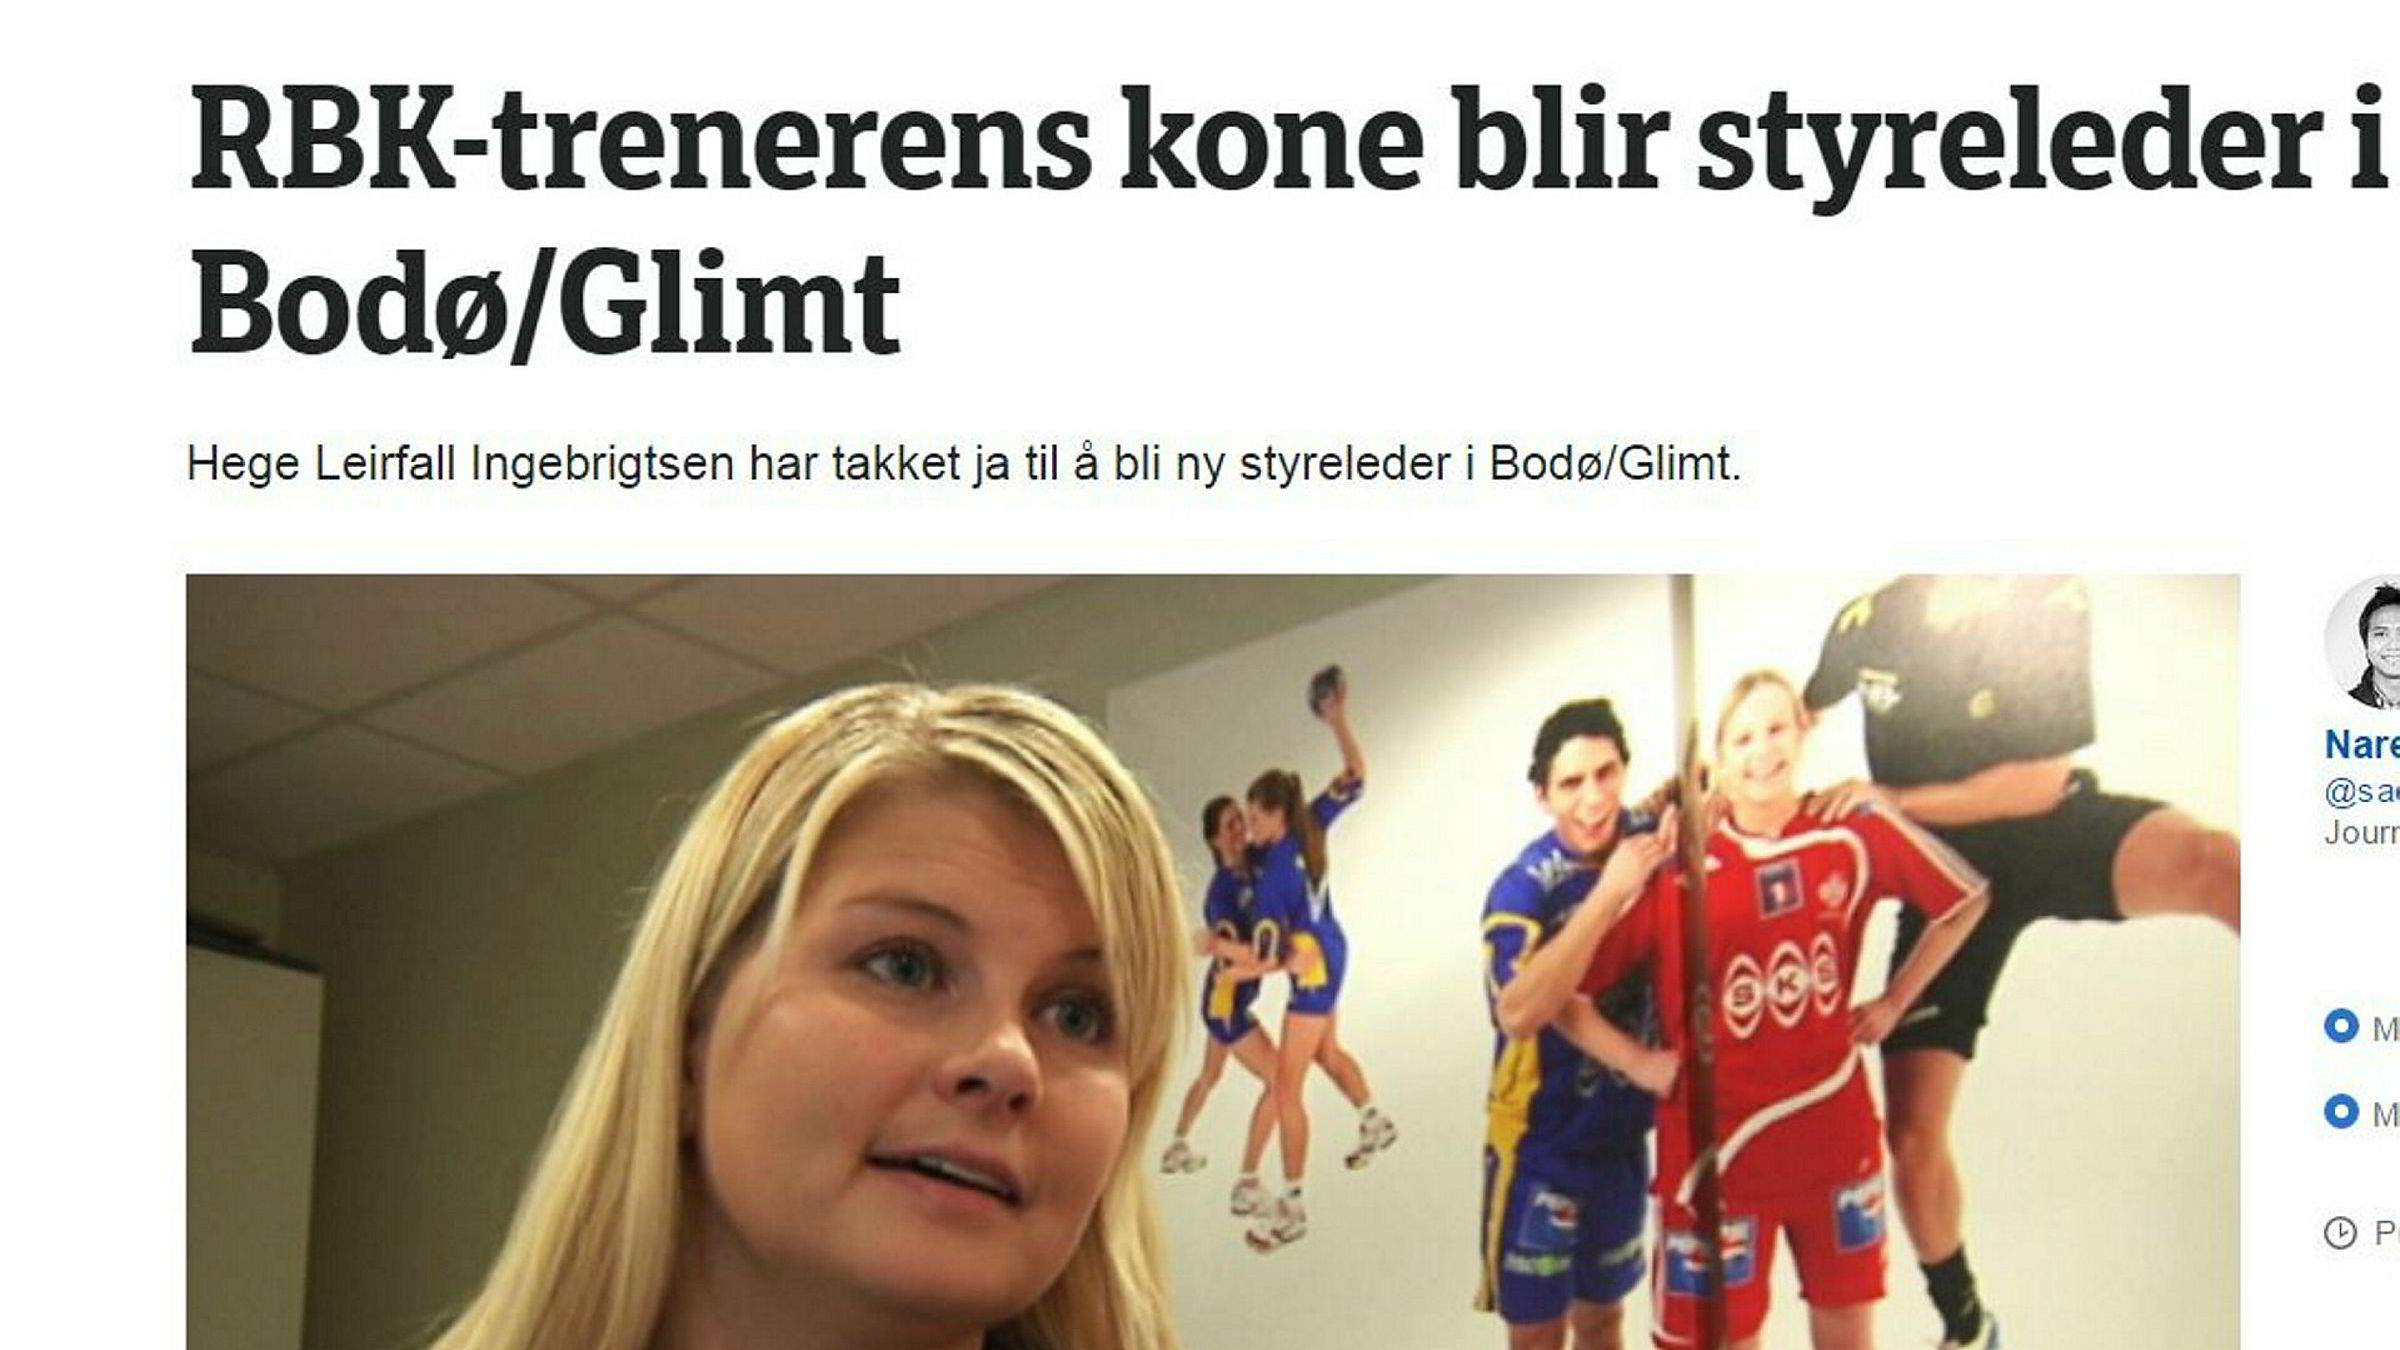 Nyhetssaken i mediene om den nye styrelederen i Bodø/Glimt er et strålende eksempel på kjønnsmakt og diskriminering i norsk idrett, skriver artikkelforfatteren.